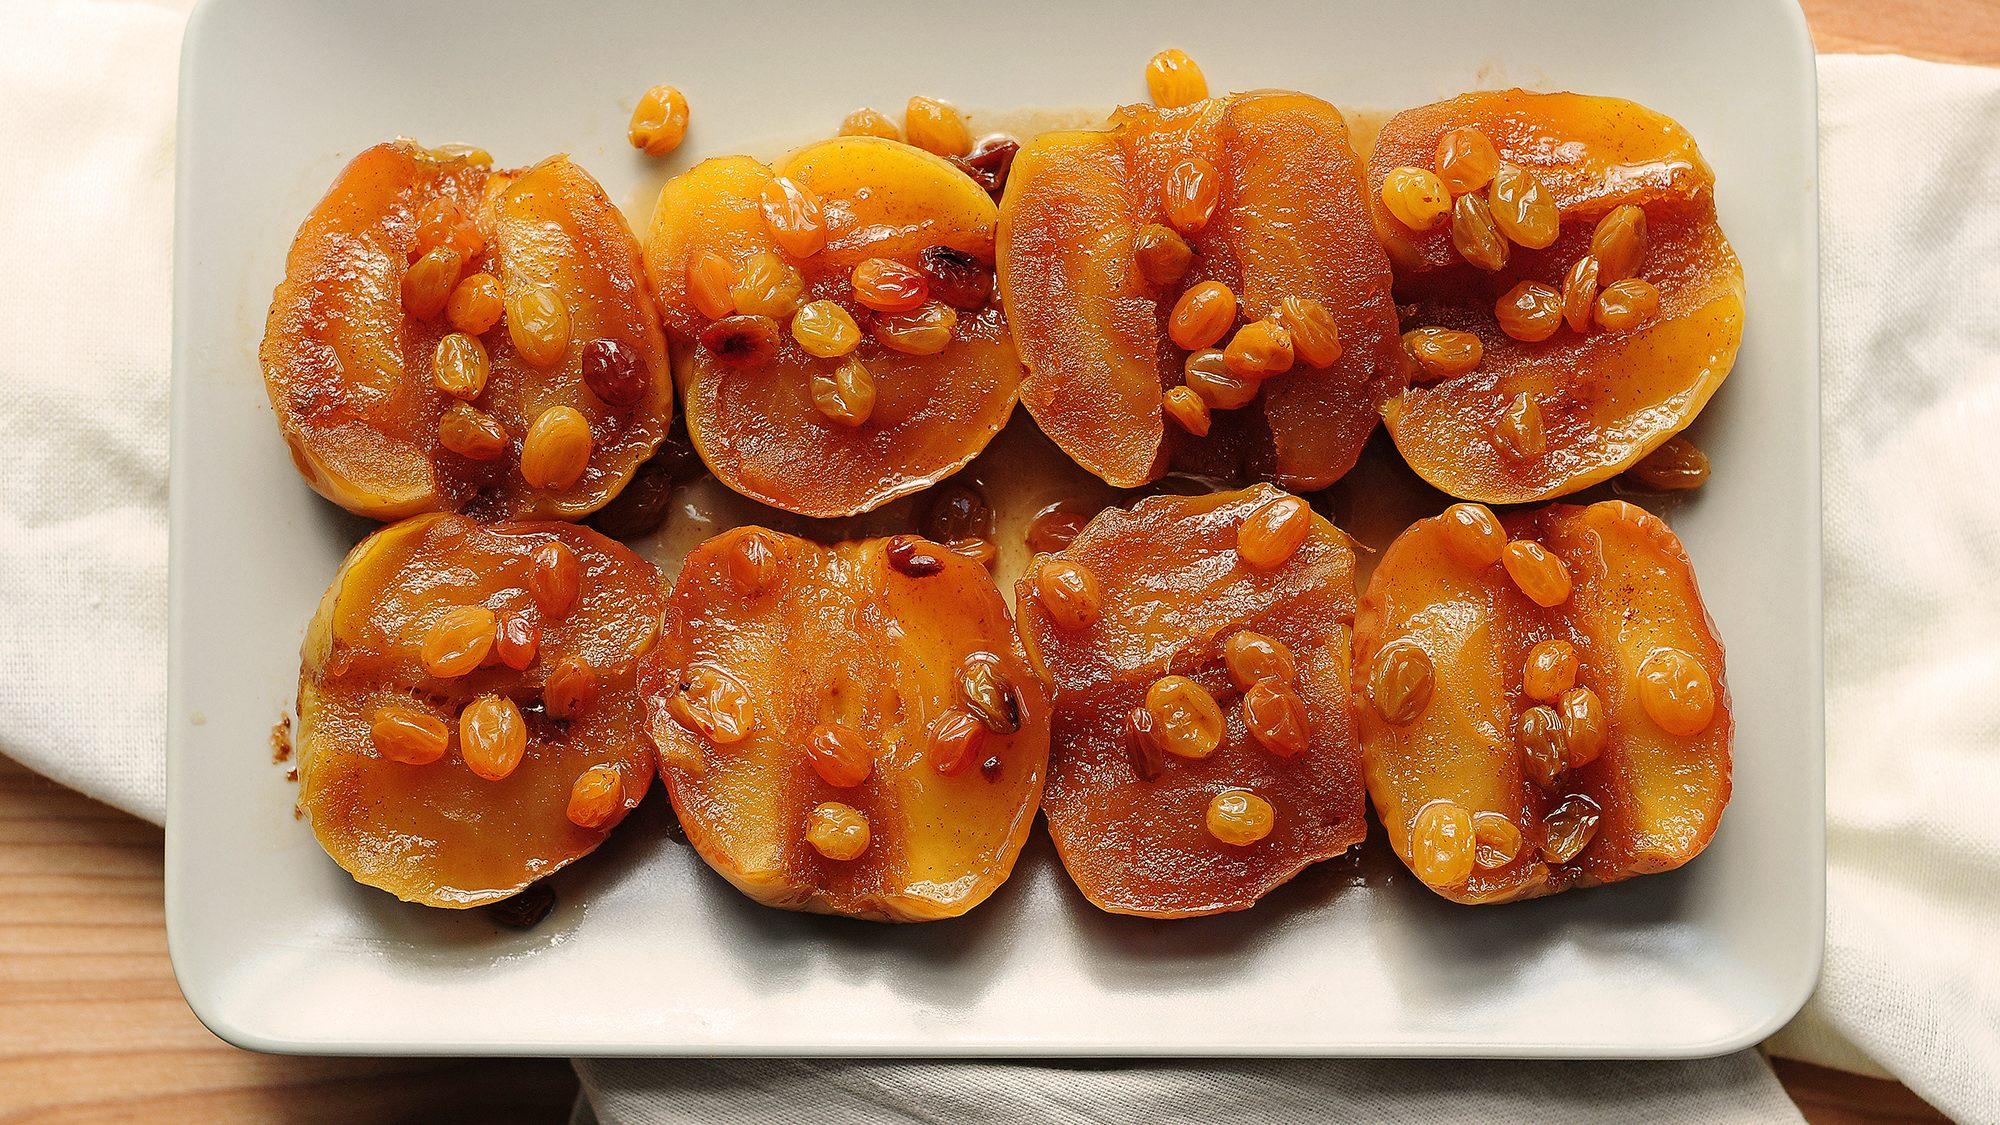 ale-almond-roasted-apples-she-wears-many-hats.jpg